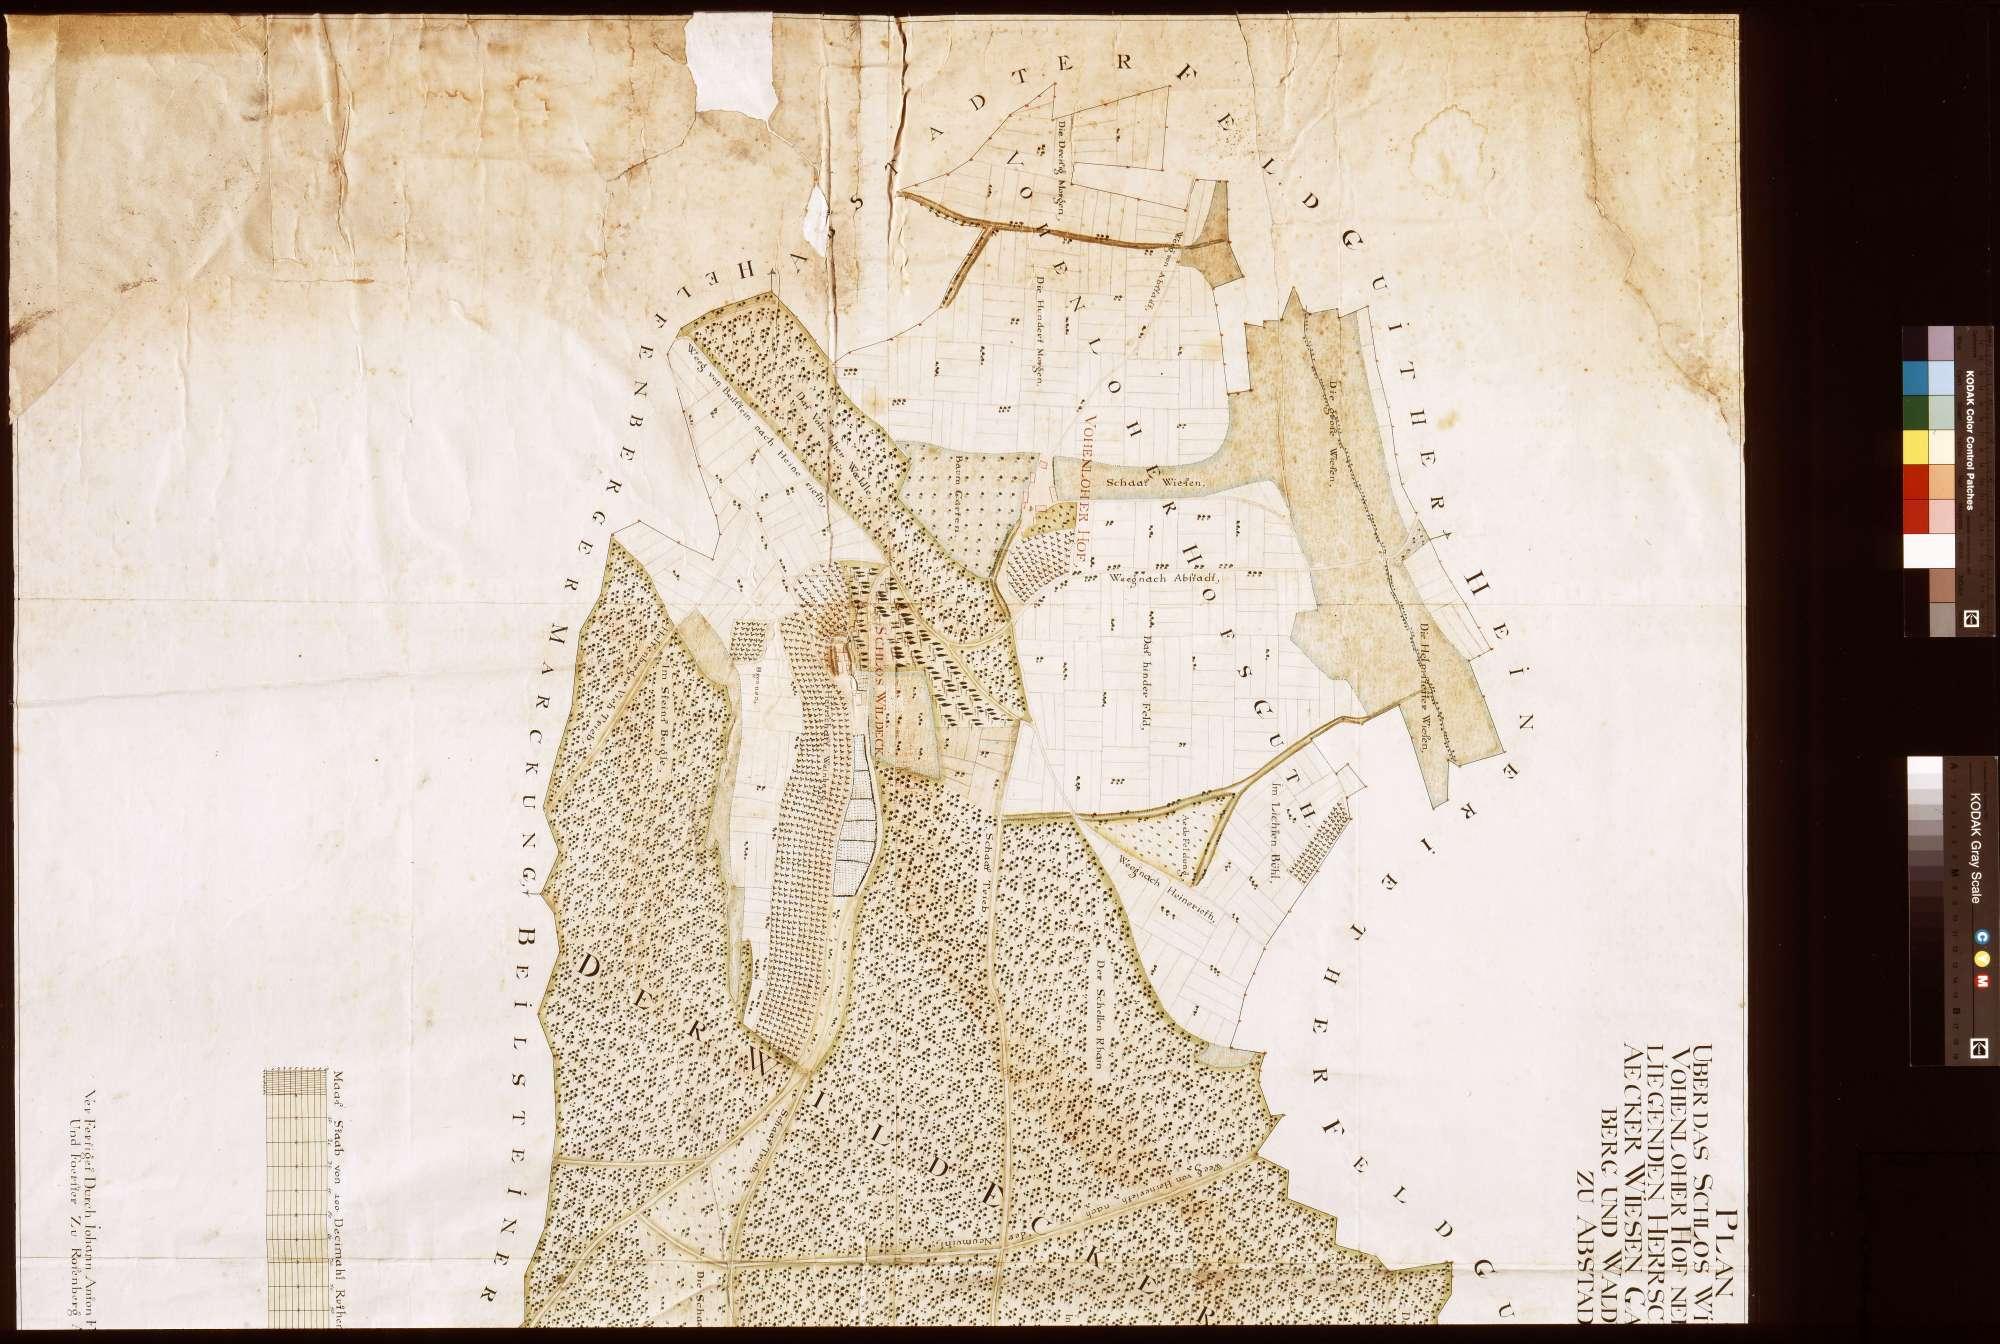 Schloss Wildeck und Vohenloher Hof nebst dabei liegenden herrschaftlichen Äckern, Wiesen, Gärten, Weinberg und Waldungen zu Abstatt (Inselkarte), Bild 1